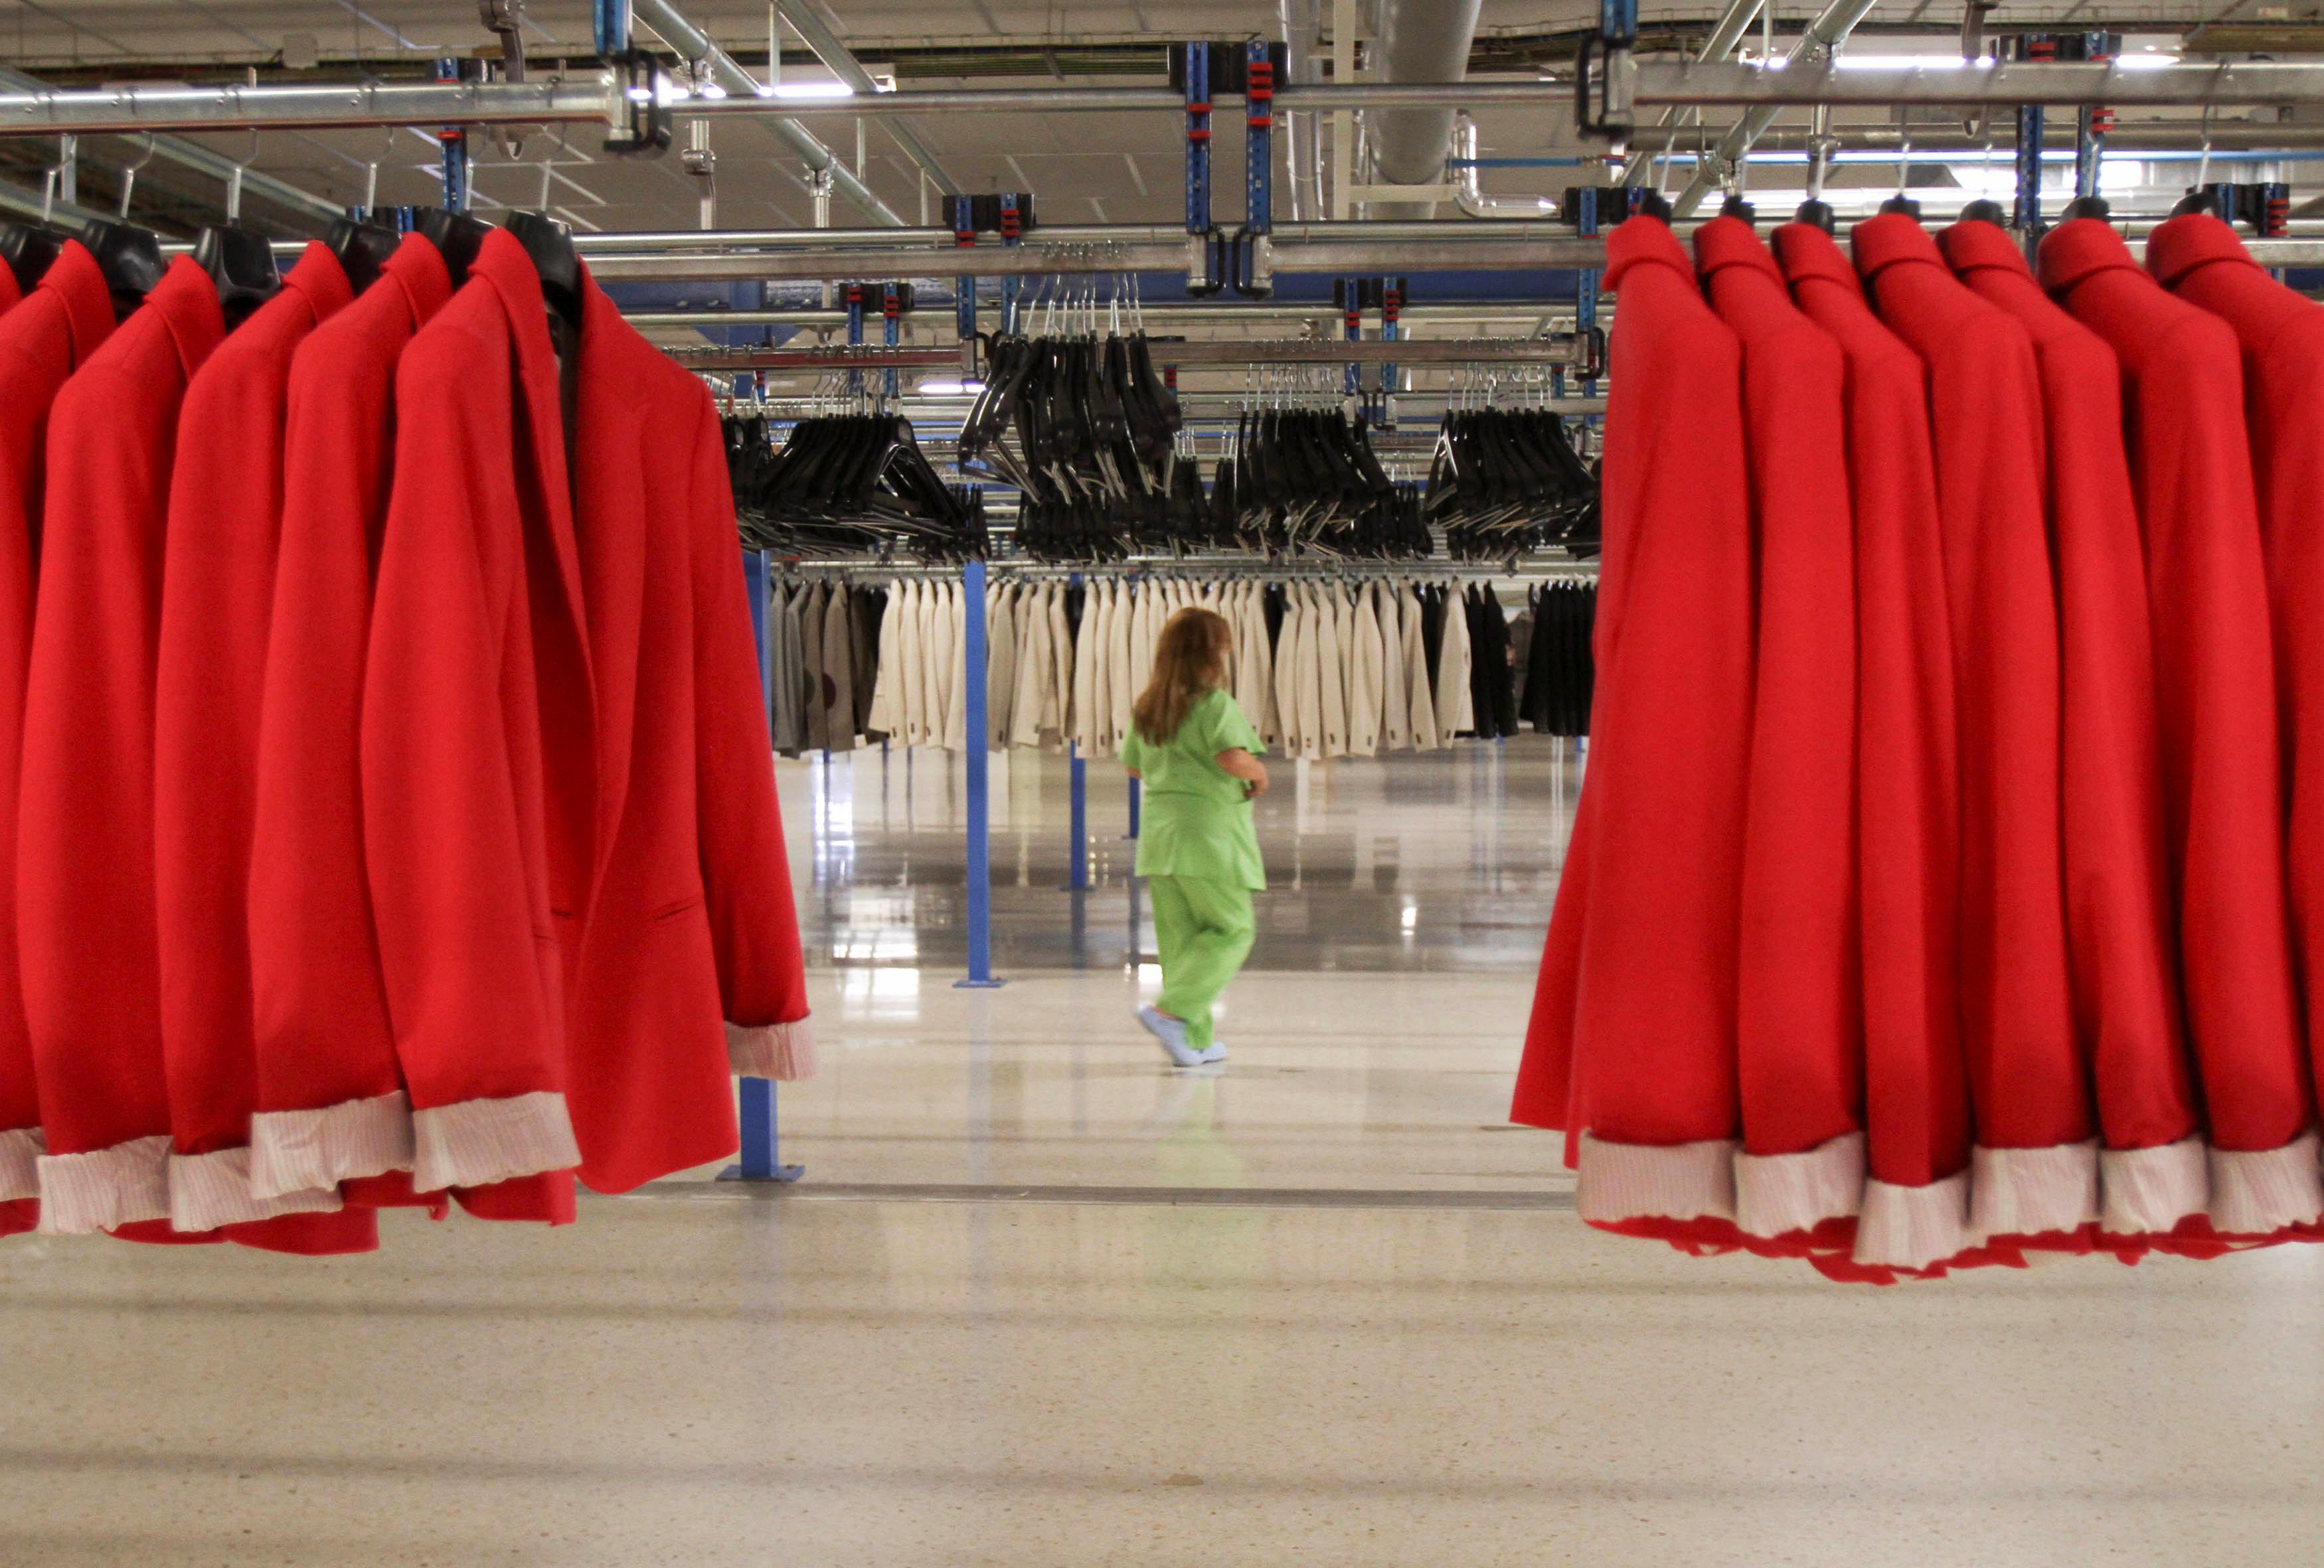 Στα άδυτα του Zara: Ετσι φτιάχνονται τα ρούχα που κυρίευσαν τον κόσμο